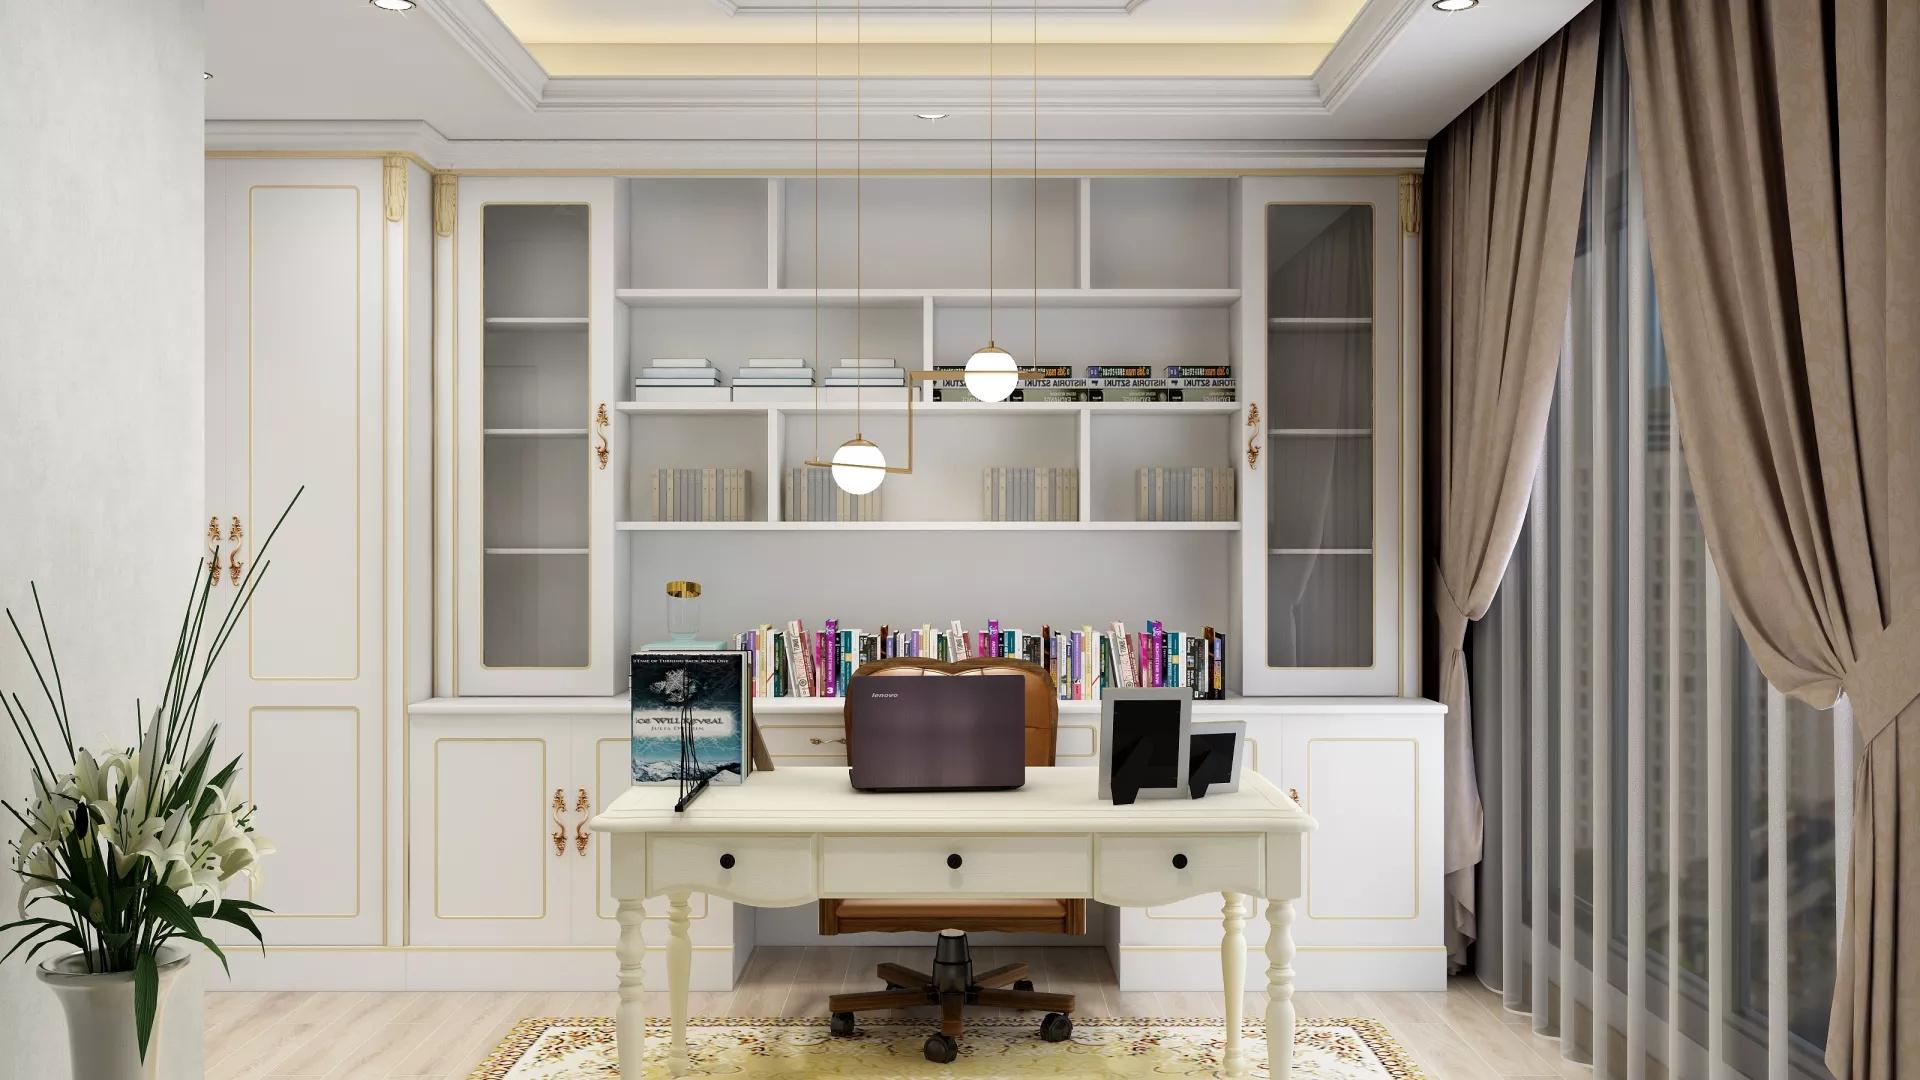 室内装修颜色搭配技巧 室内装修颜色如何搭配